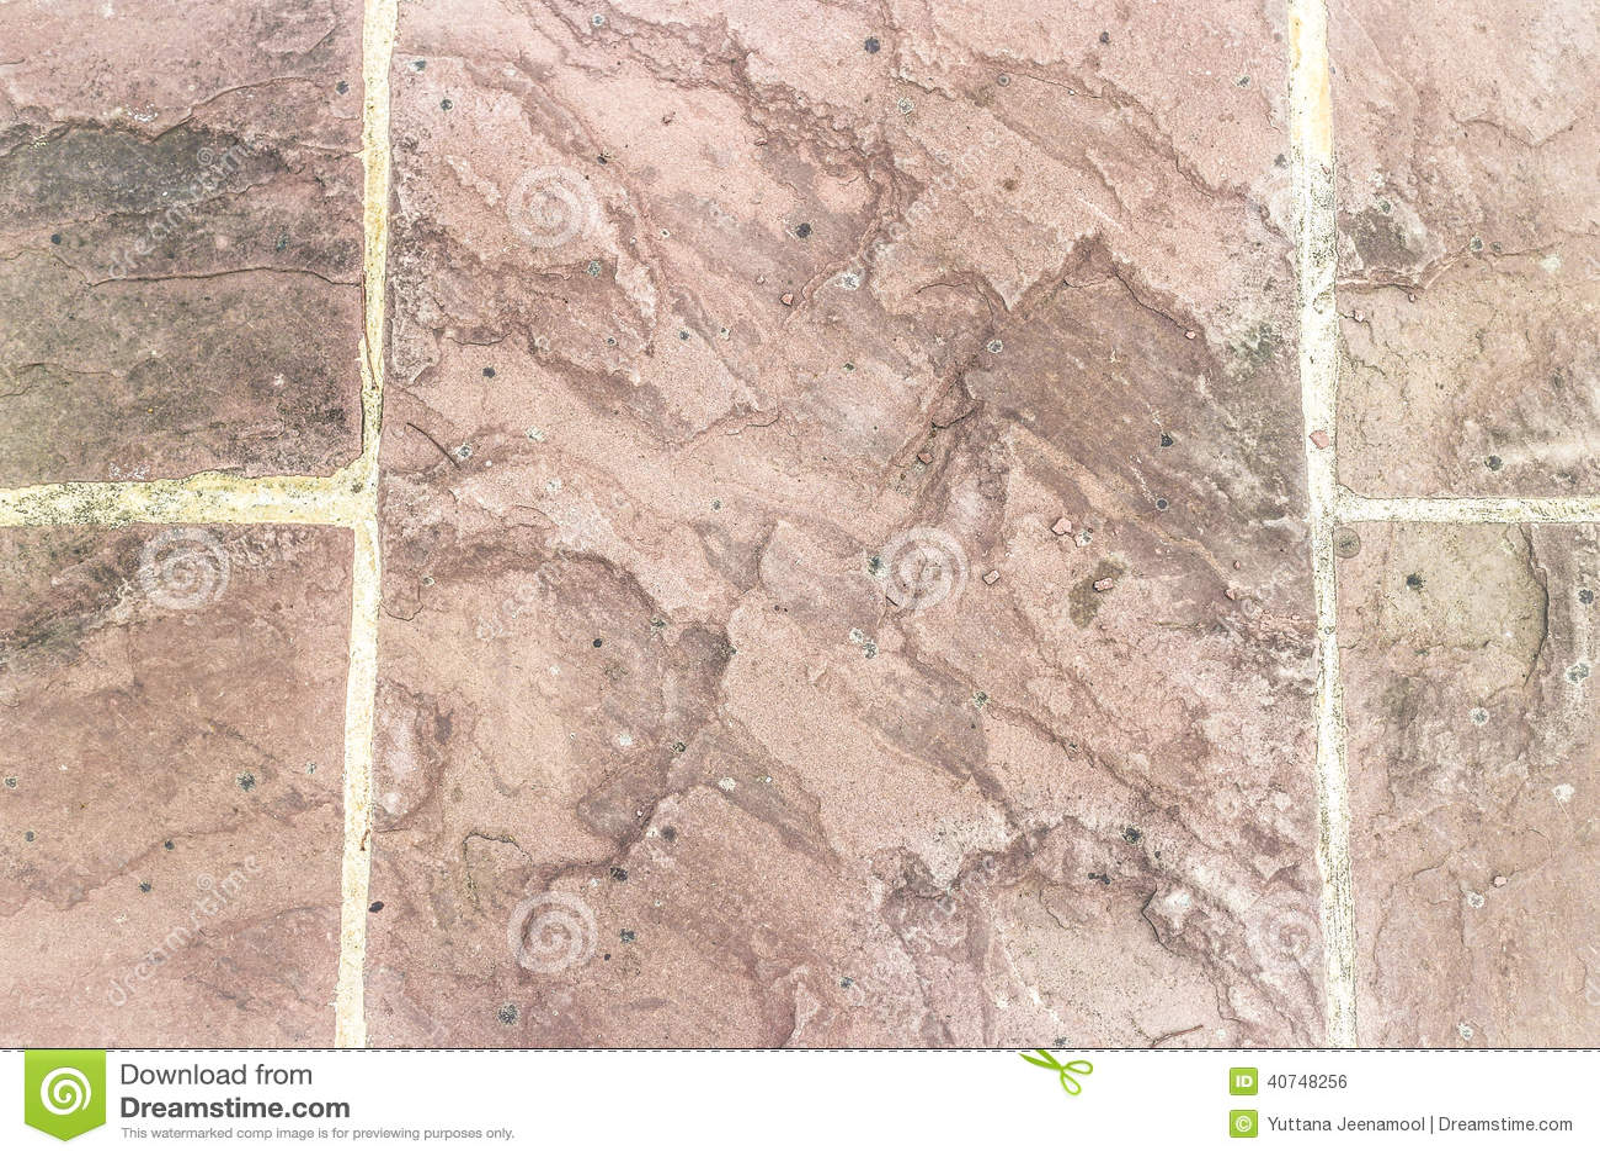 Fußboden Aus Alten Ziegelsteinen ~ Alter boden mit ziegelsteinen und beton stockfoto bild von